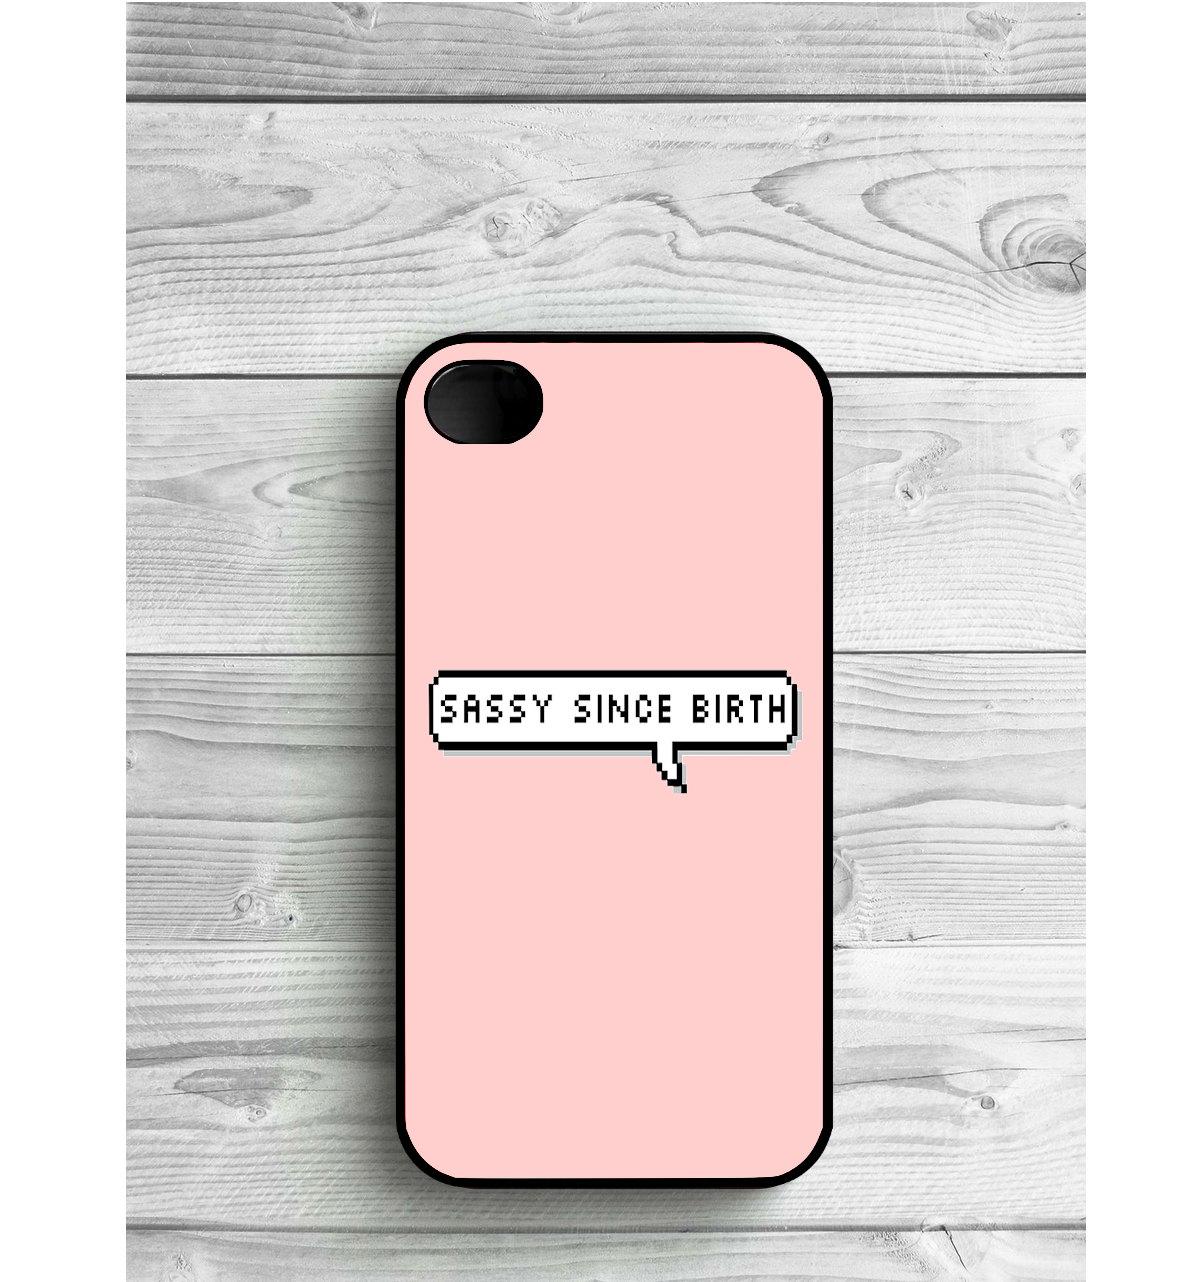 Phone Case Tumblr Sassy Girl speech bubble For iPhone iPhoneIphone 5 Cases For Girls Tumblr